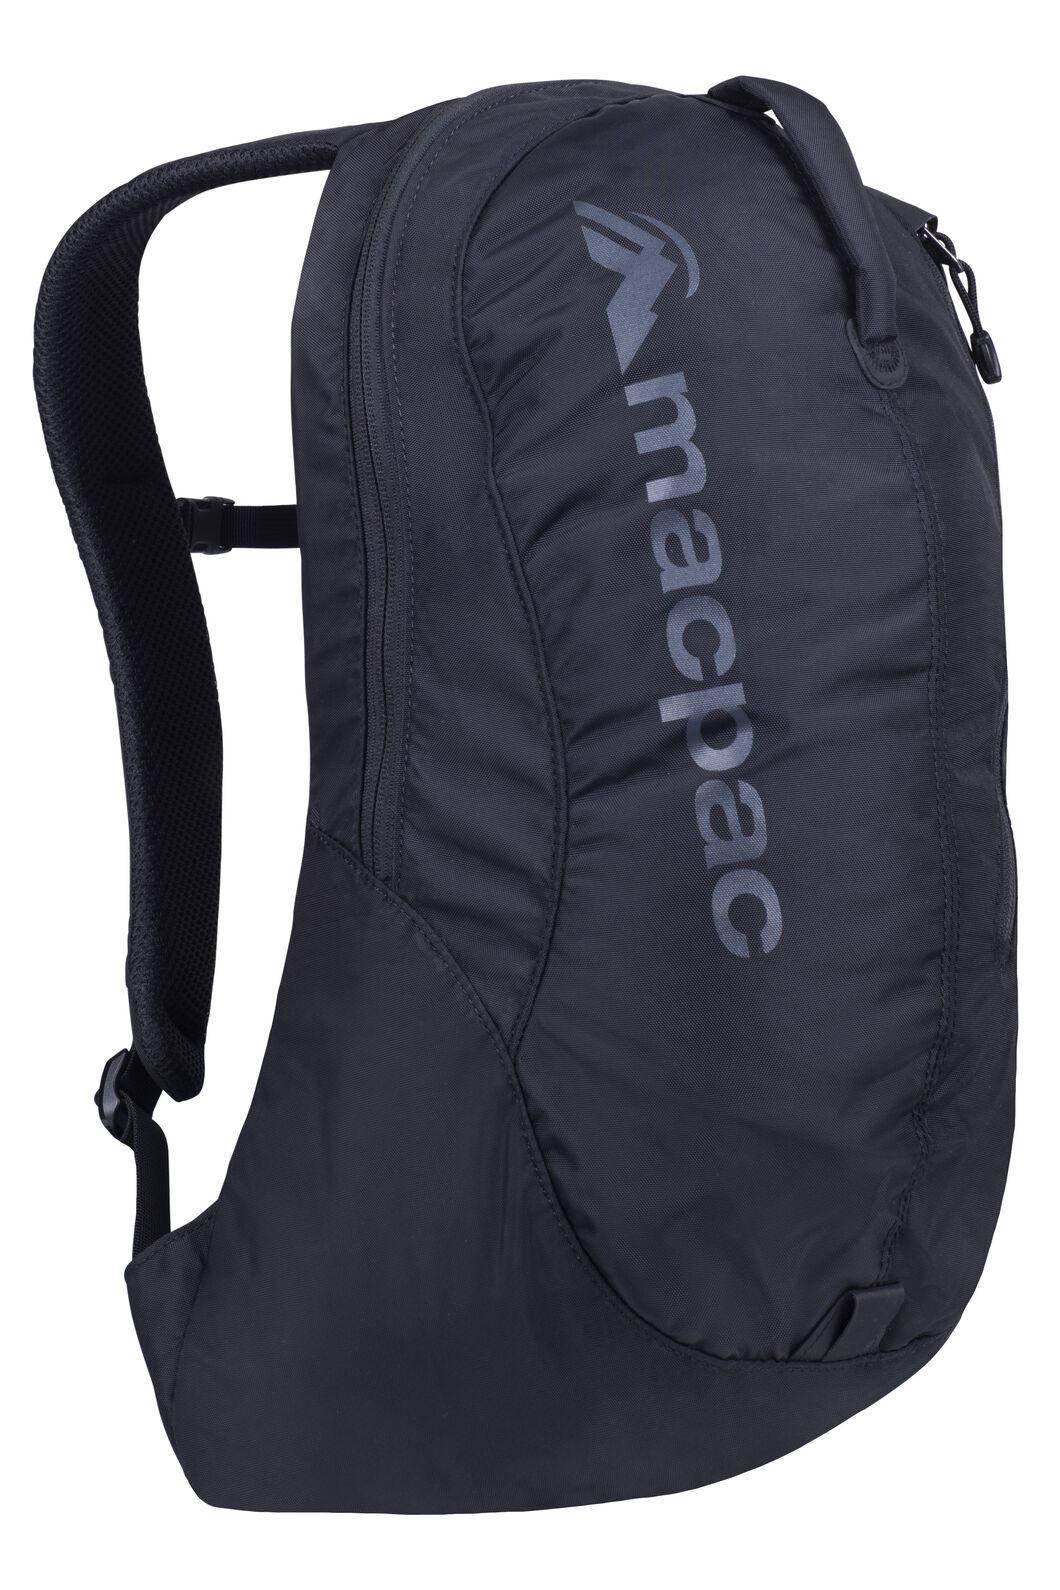 Macpac Kahuna 1.1 18L Backpack, Black, hi-res